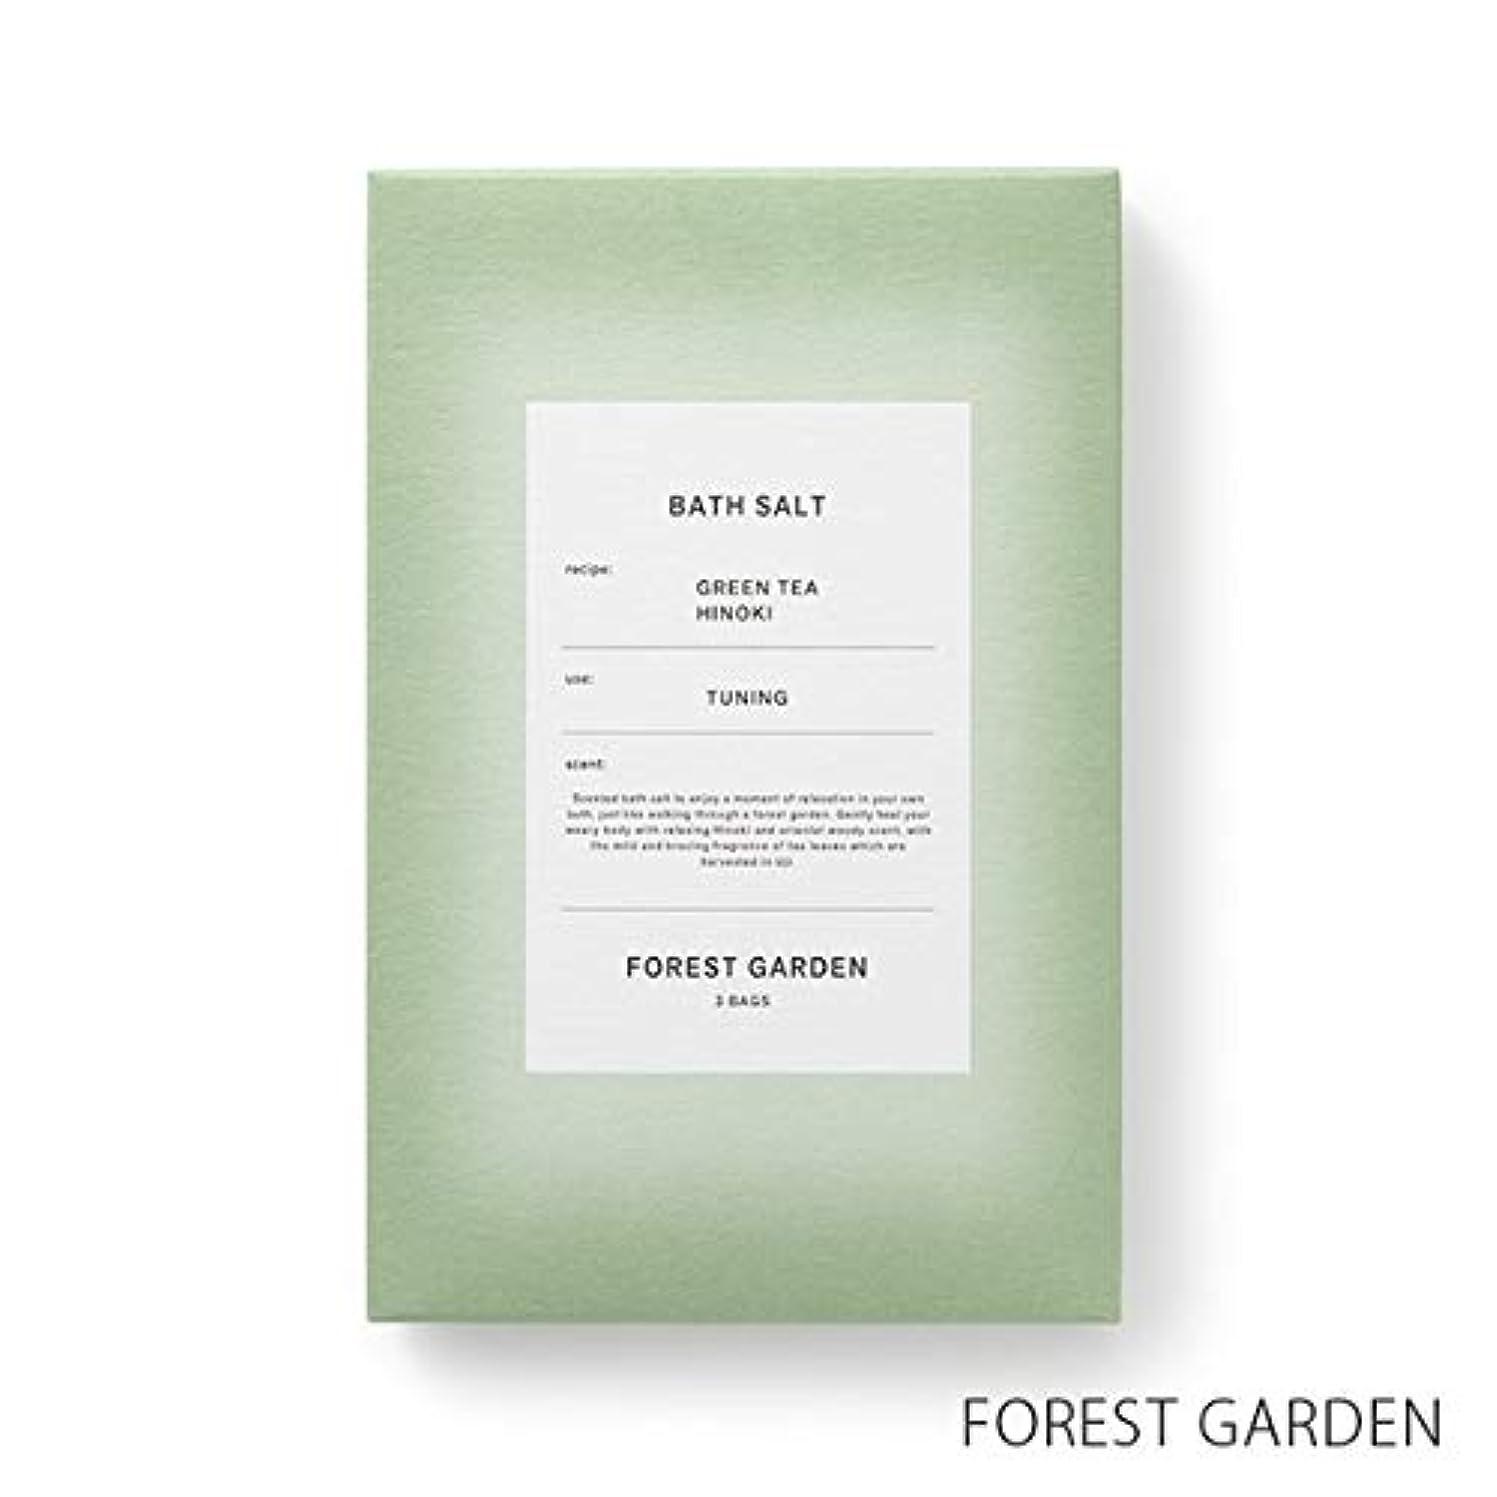 昨日美人フライカイト【薫玉堂】 バスソルト FOREST GARDEN 森の庭 緑 和 宇治茶の香り